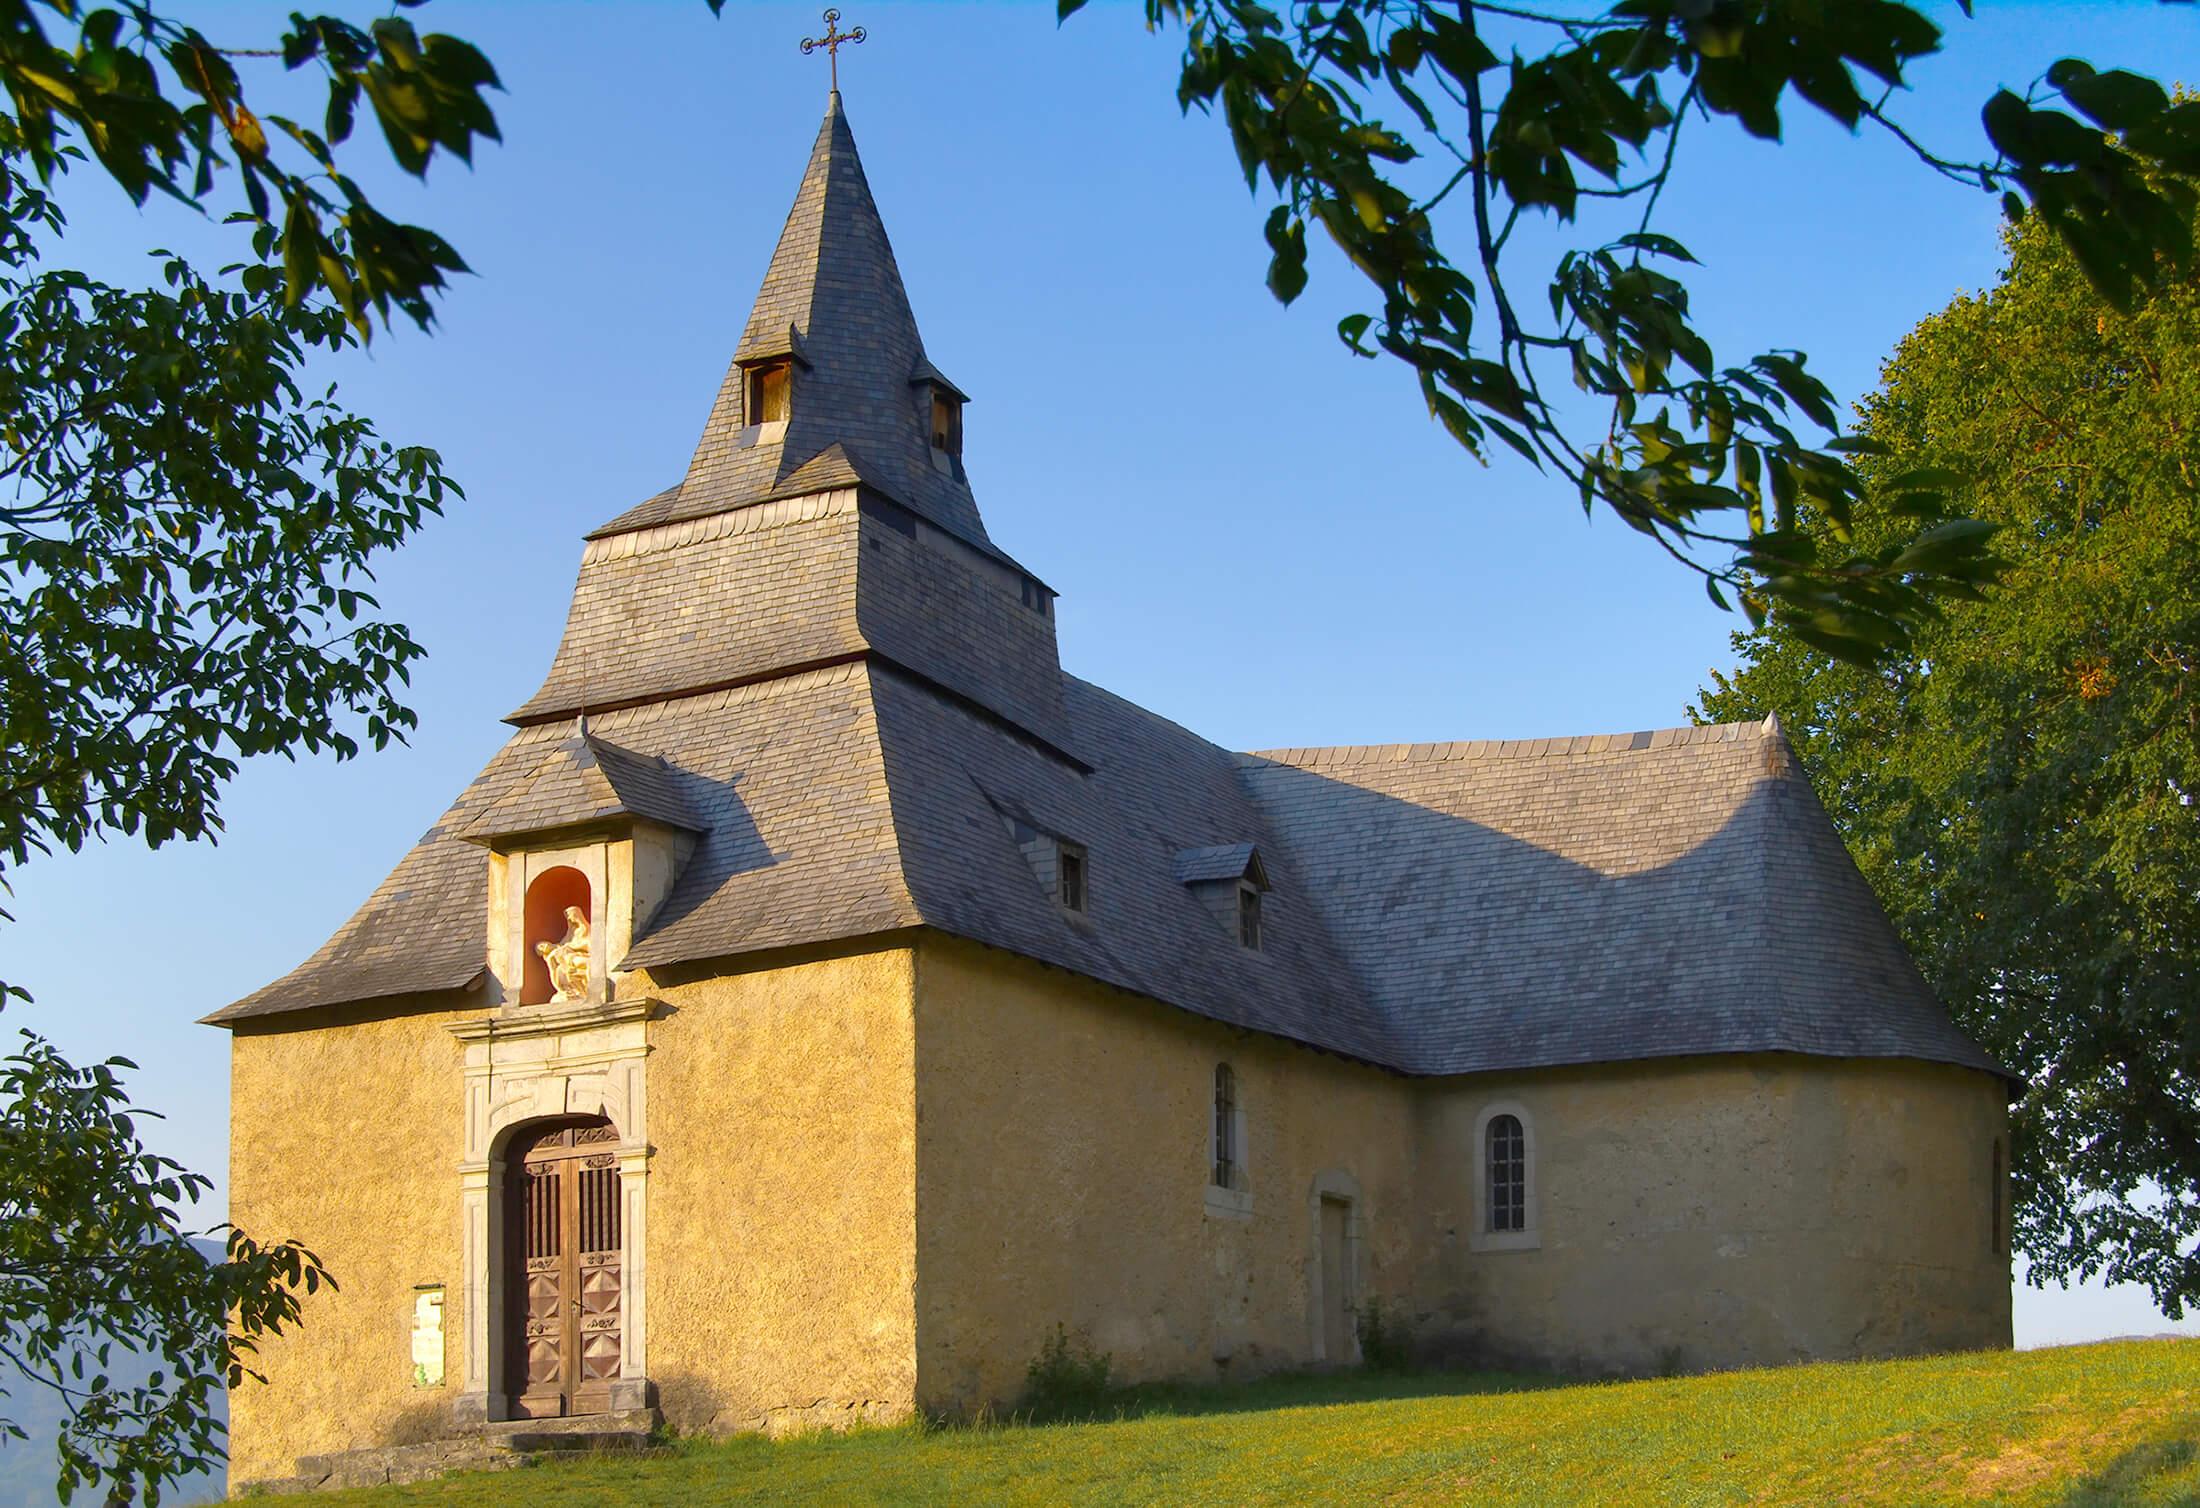 Petit Chapel